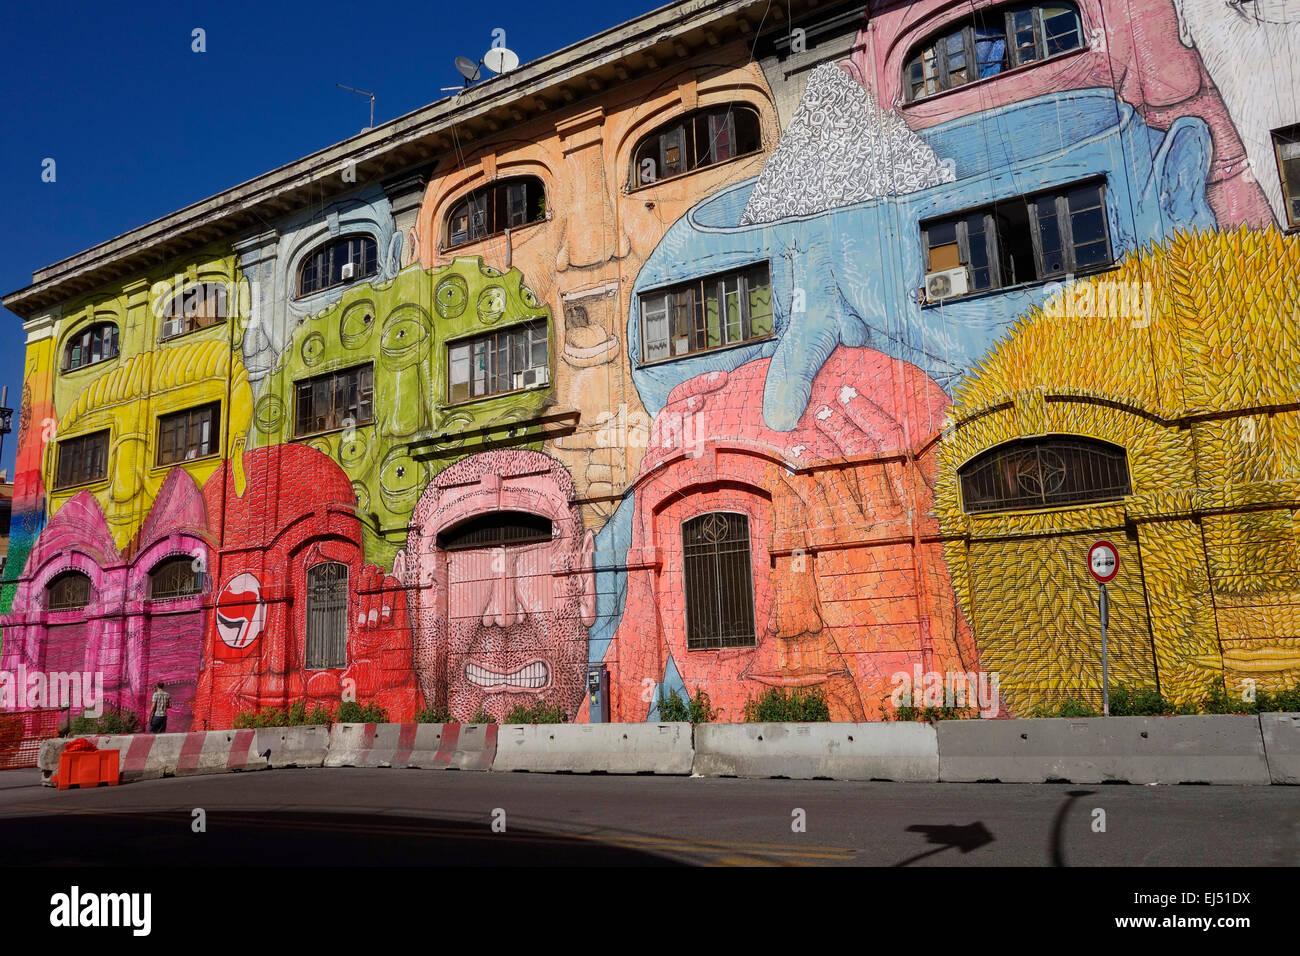 Roma. L'Italia. Arte di strada da blu sulla Via del Porto Fluviale, Ostiense. Immagini Stock